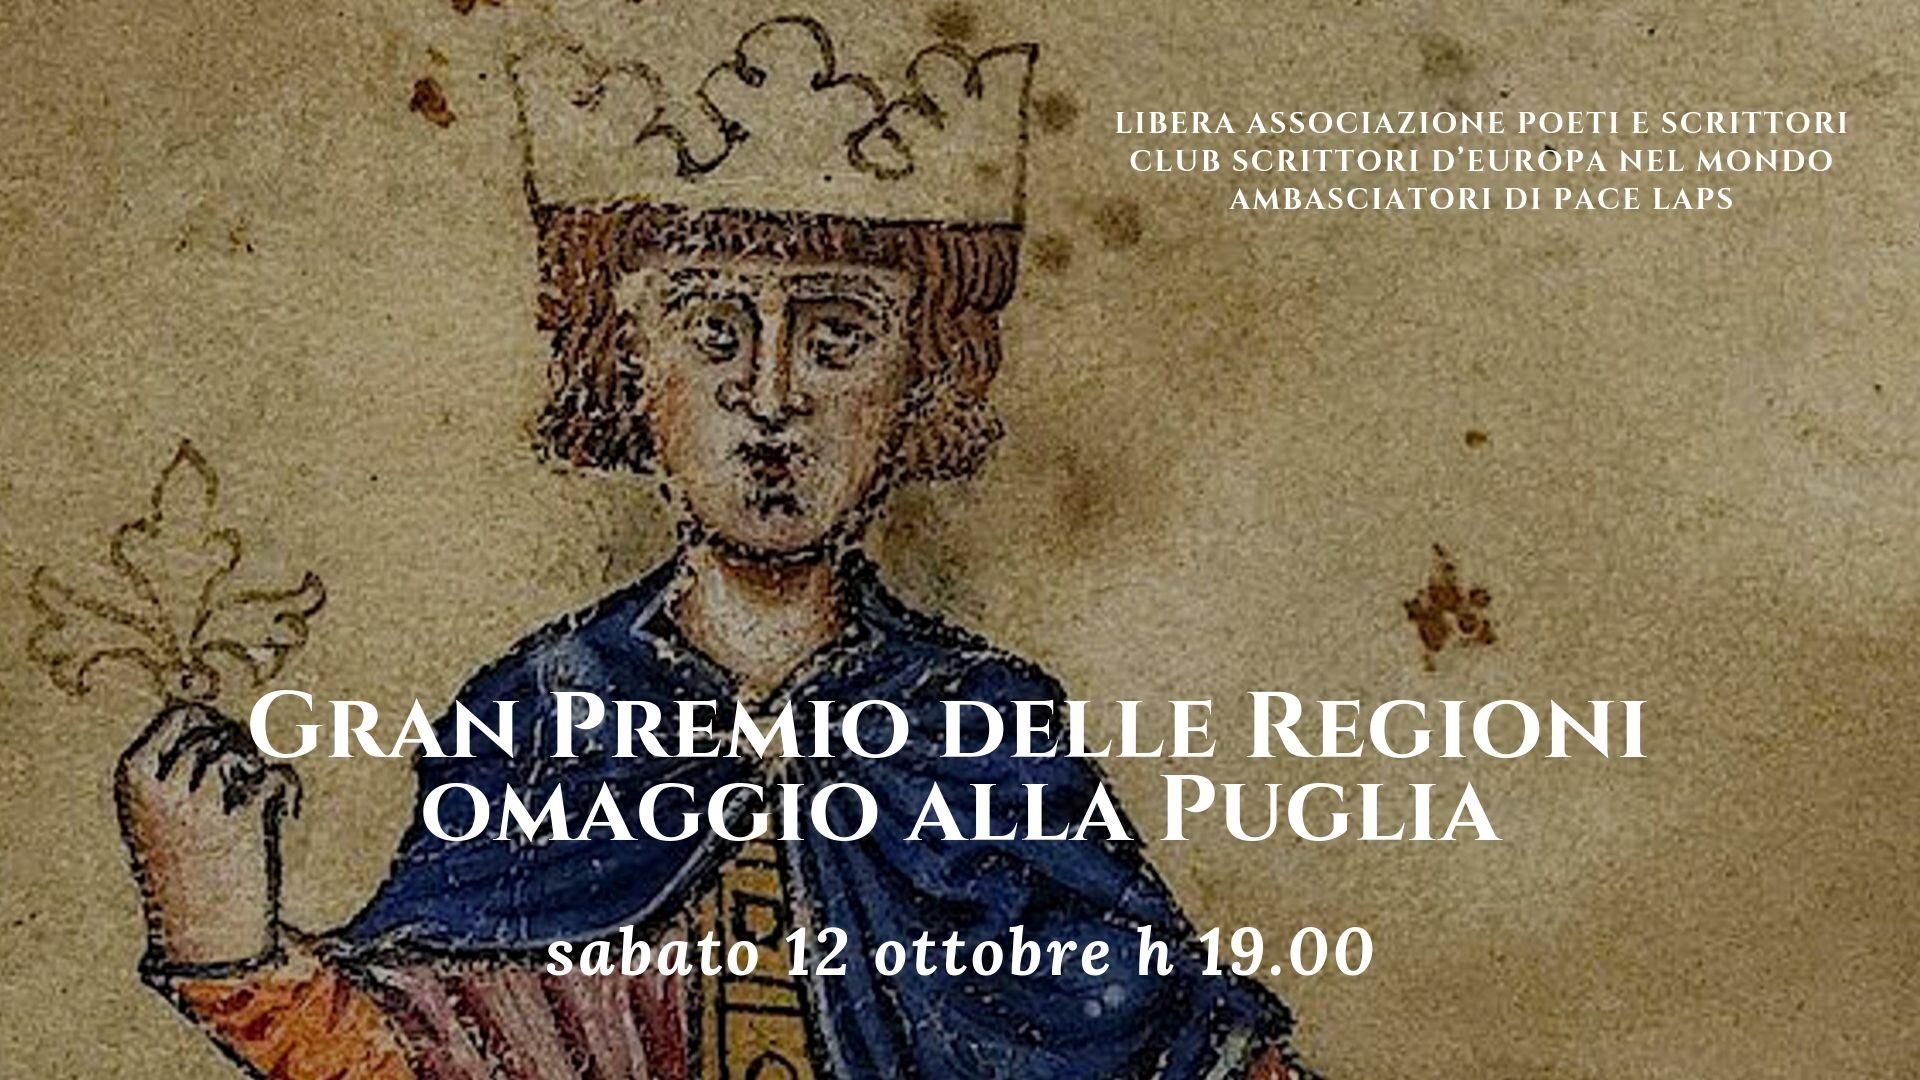 Gran Premio delle Regioni omaggio alla Puglia